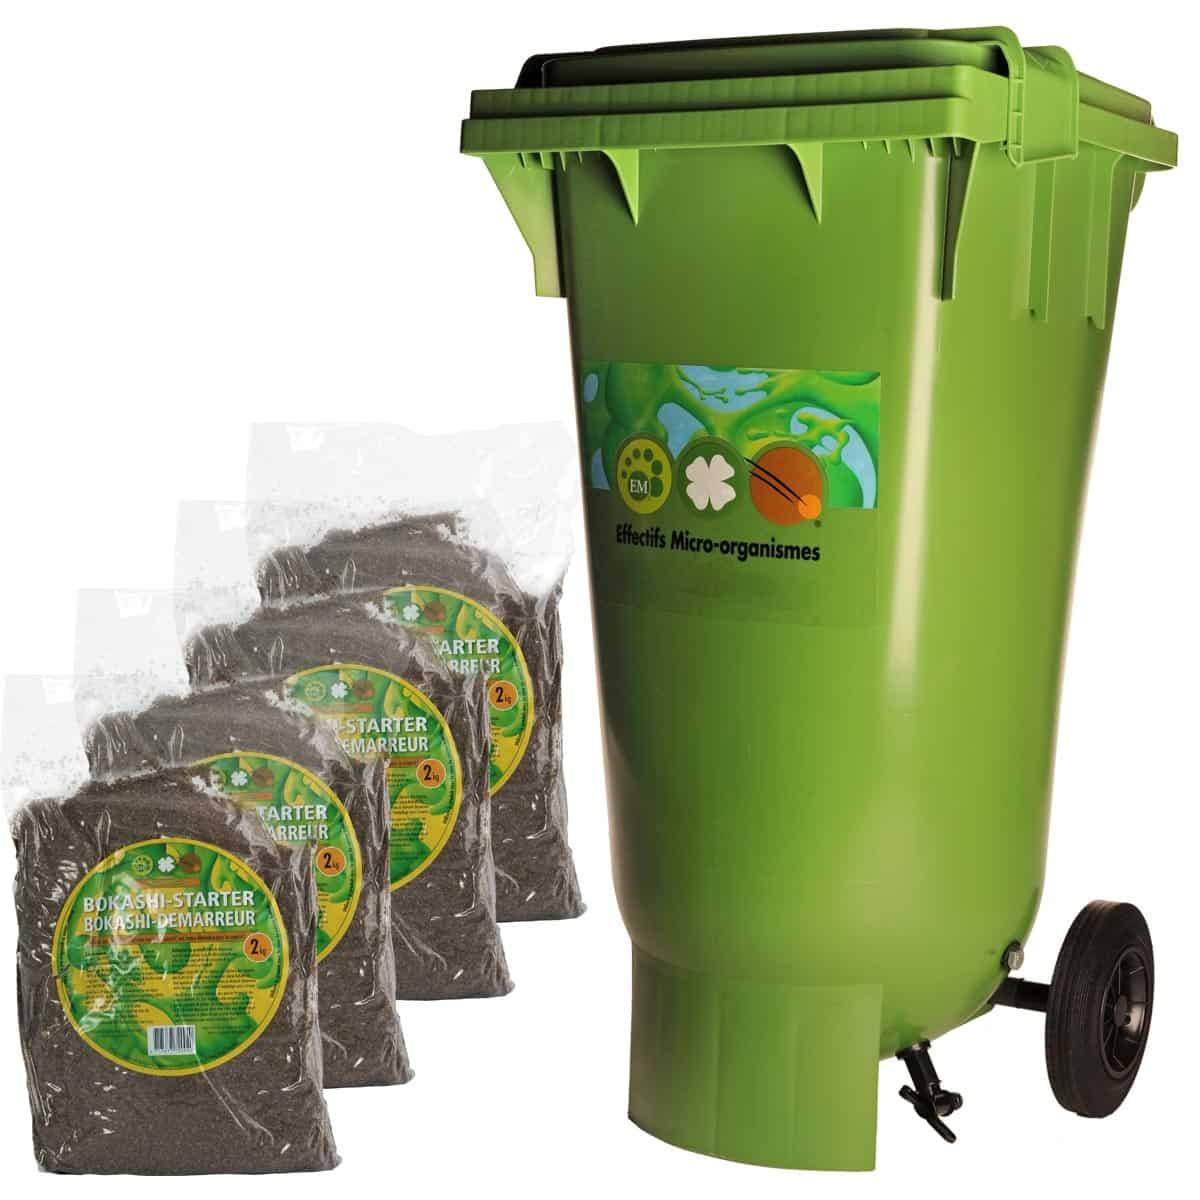 Conteneur 120L Compost Bokashi & Micro Organismes intérieur Jardin En Kit Pret A Planter